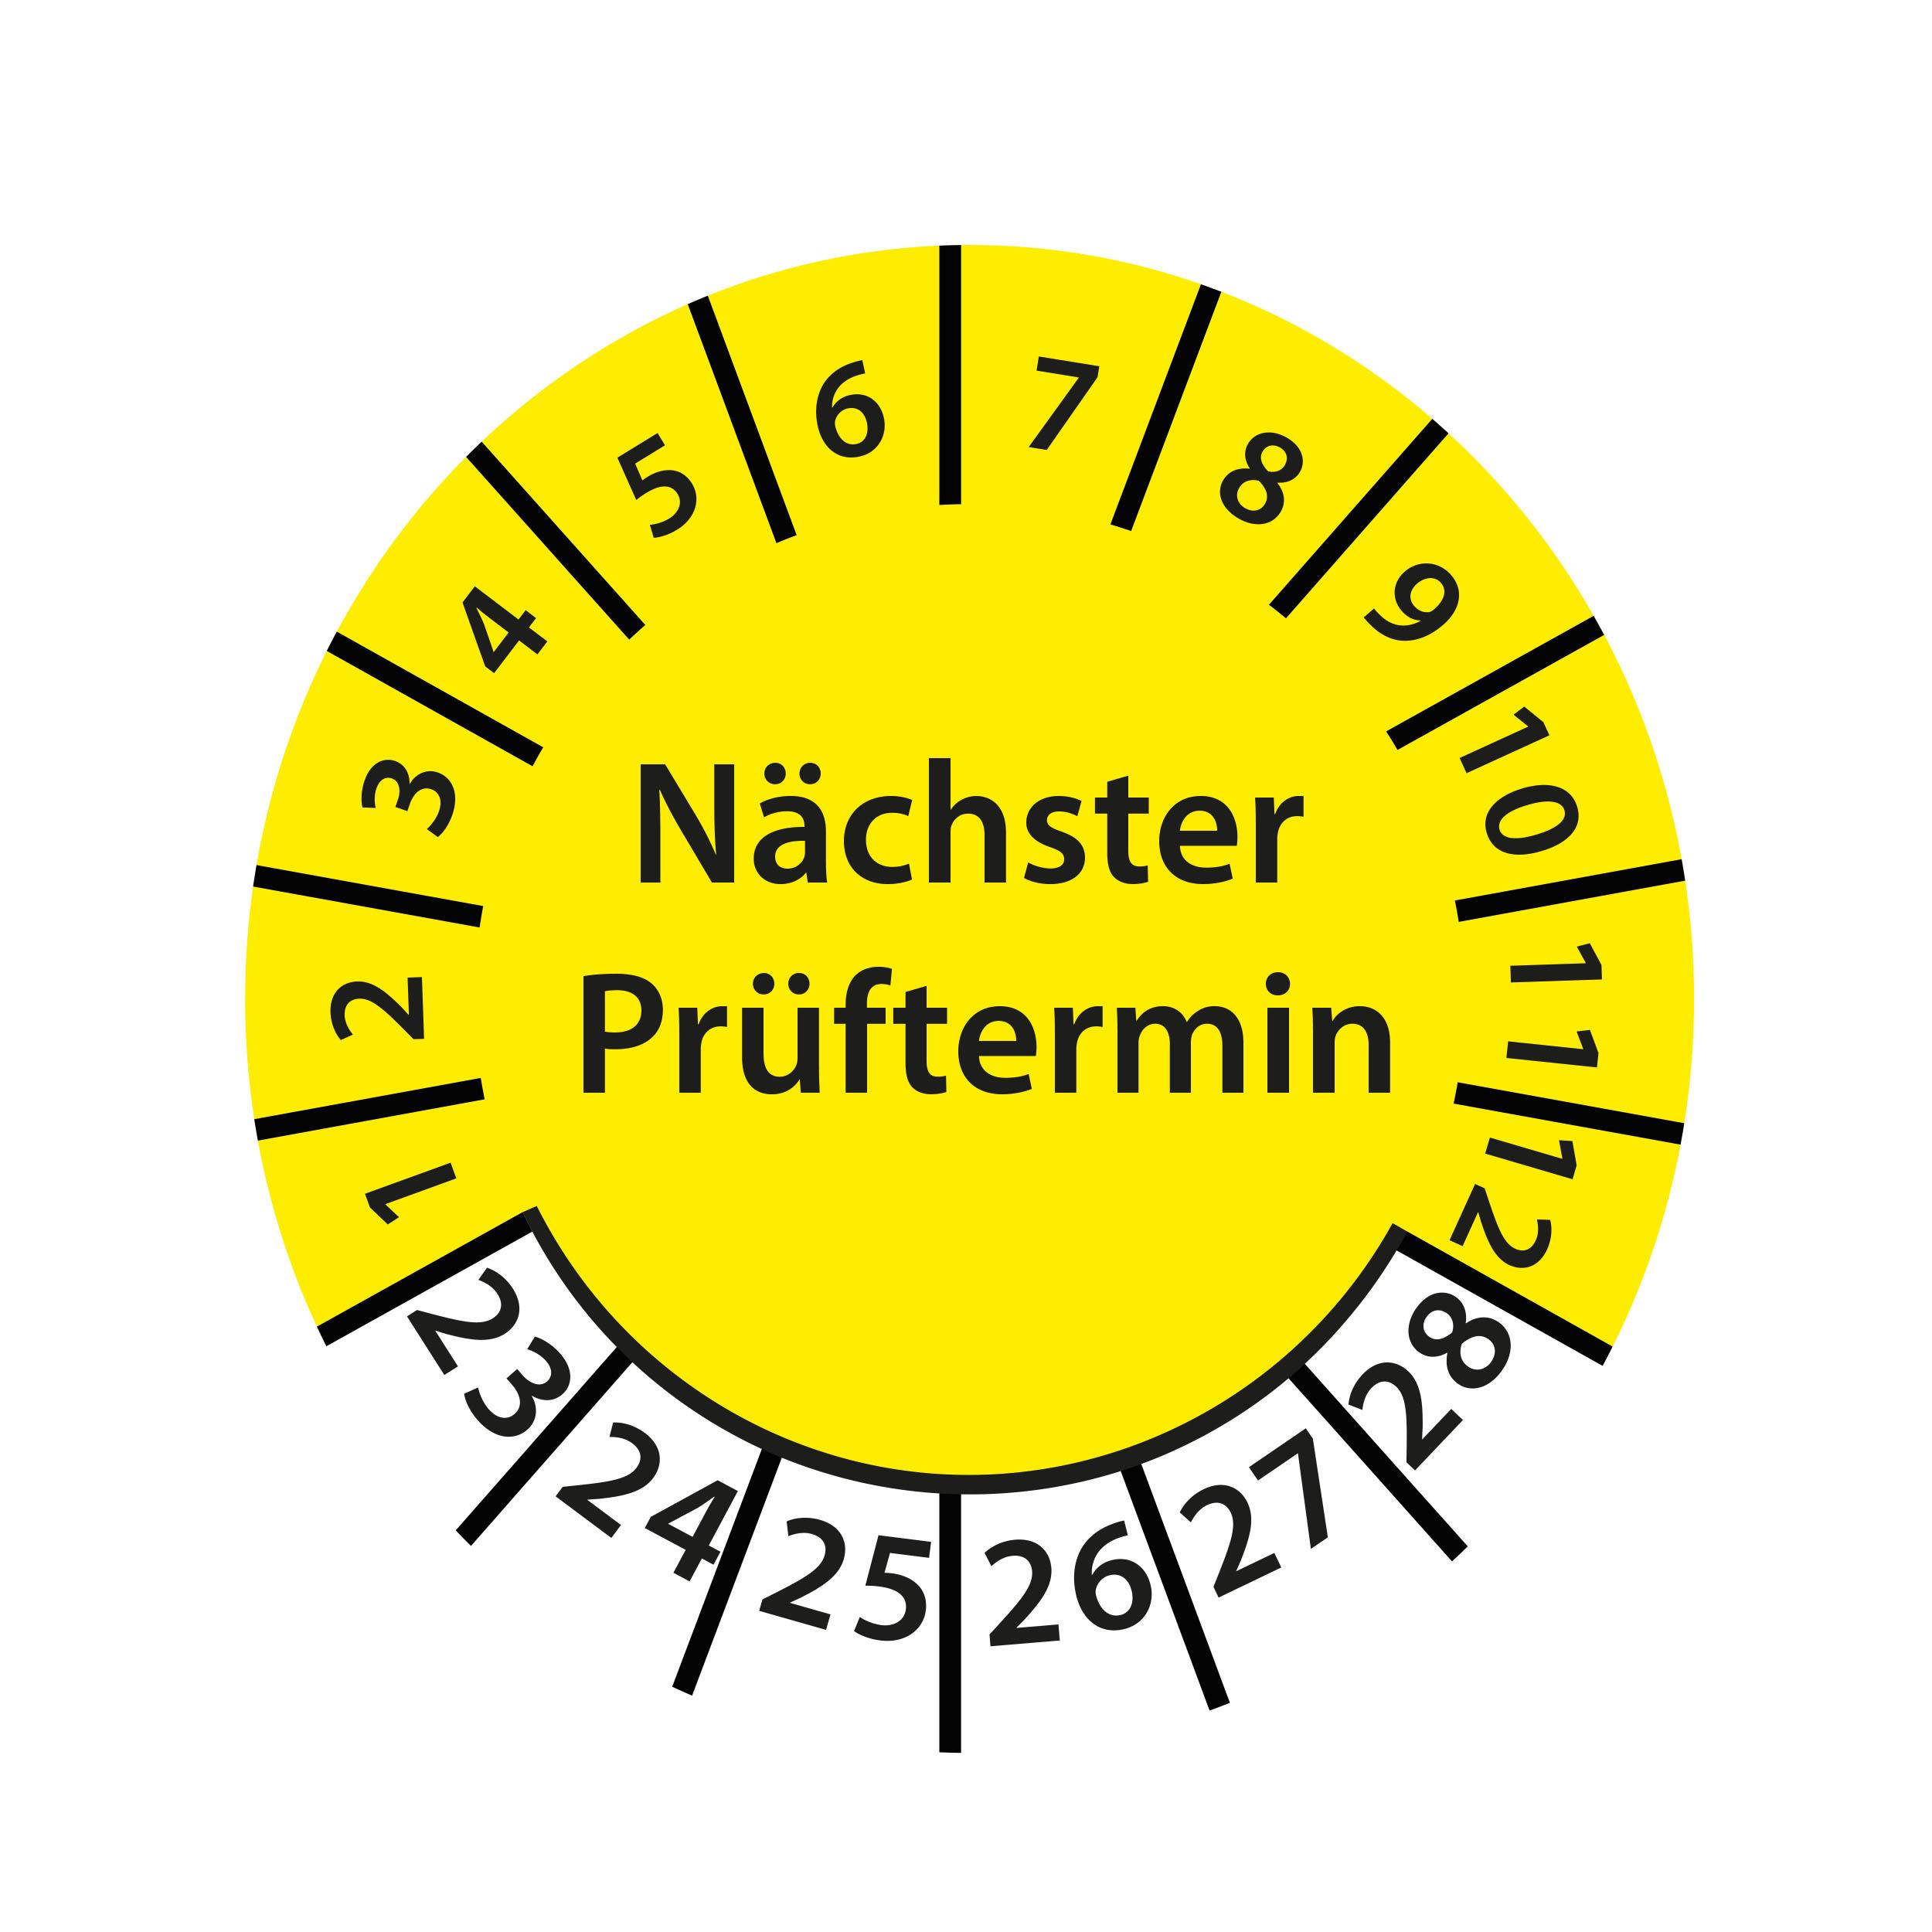 Prüfplakette Nächster Prüftermin 2023-2028 Ø 30mm Rund Gelb / Blau Prüfetikett Prüfaufkleber